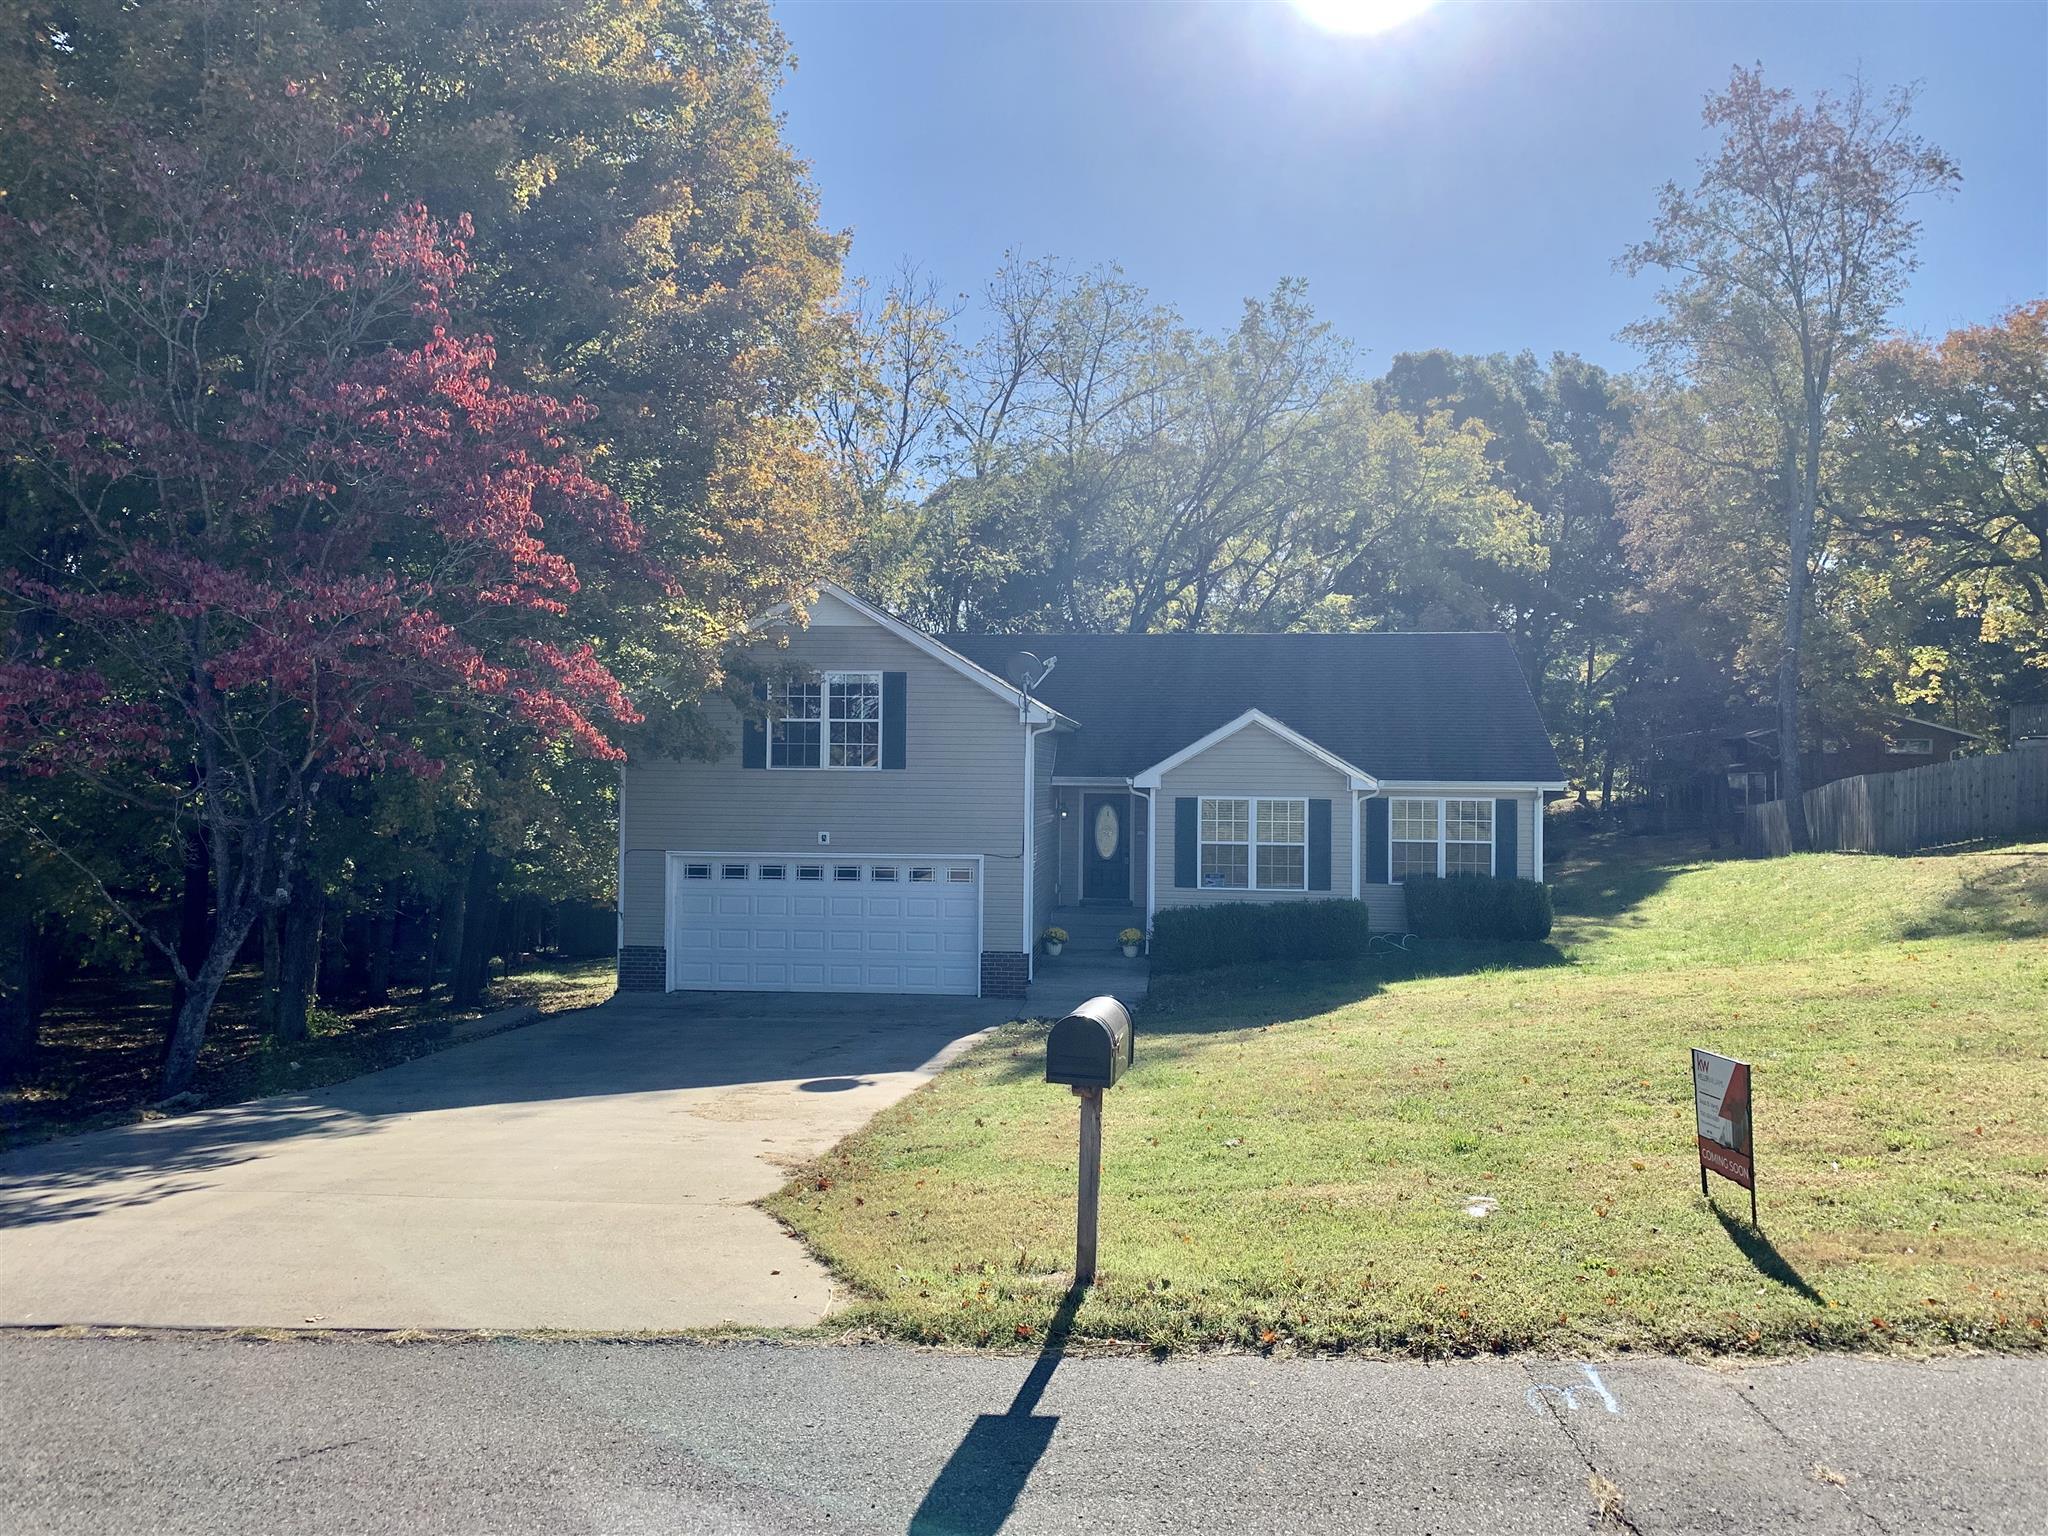 8 Idlewild St, Clarksville, TN 37042 - Clarksville, TN real estate listing